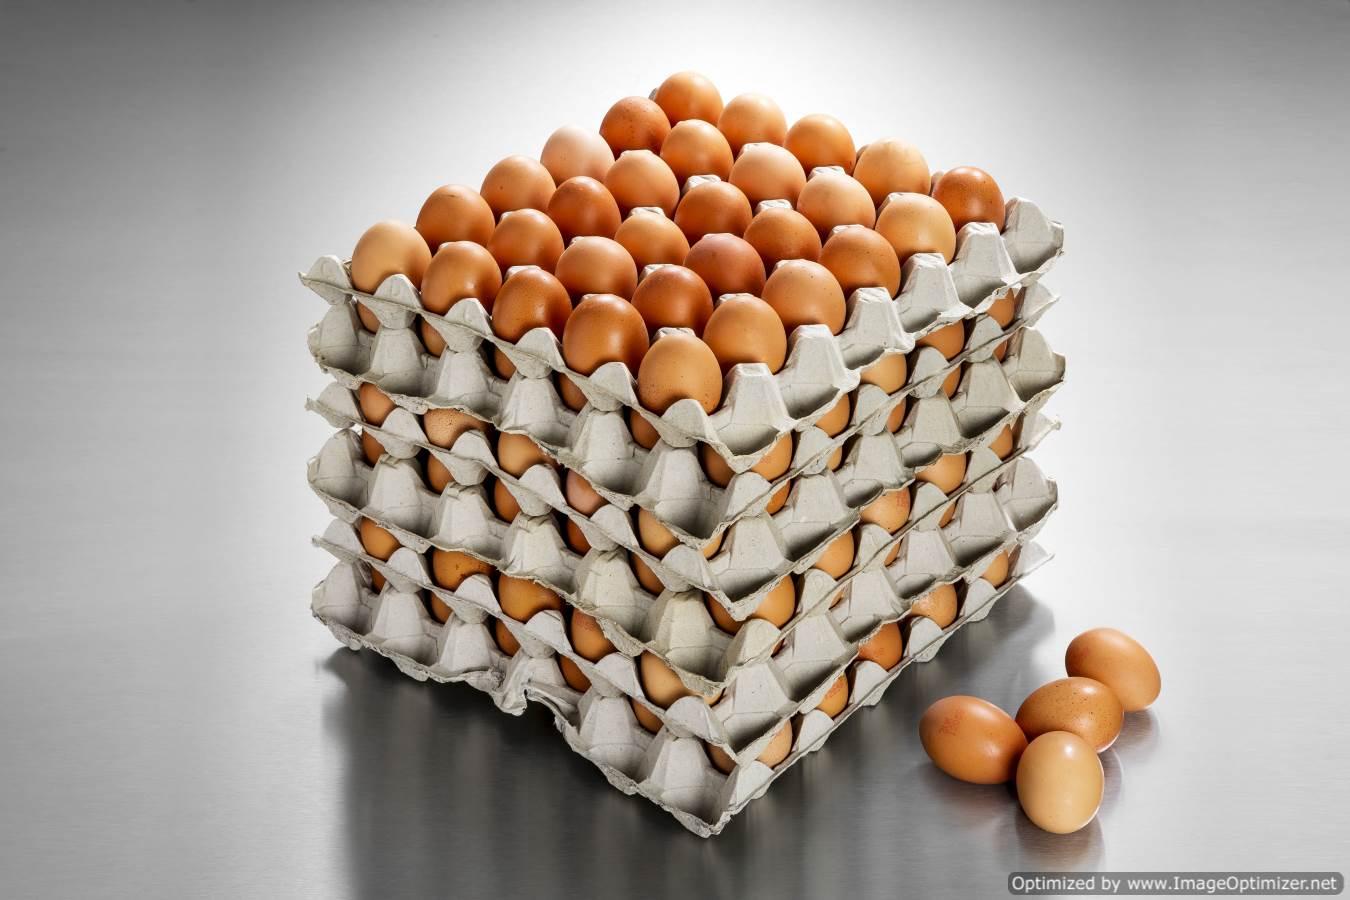 Large Eggs (360 eggs per box/30 dozen)